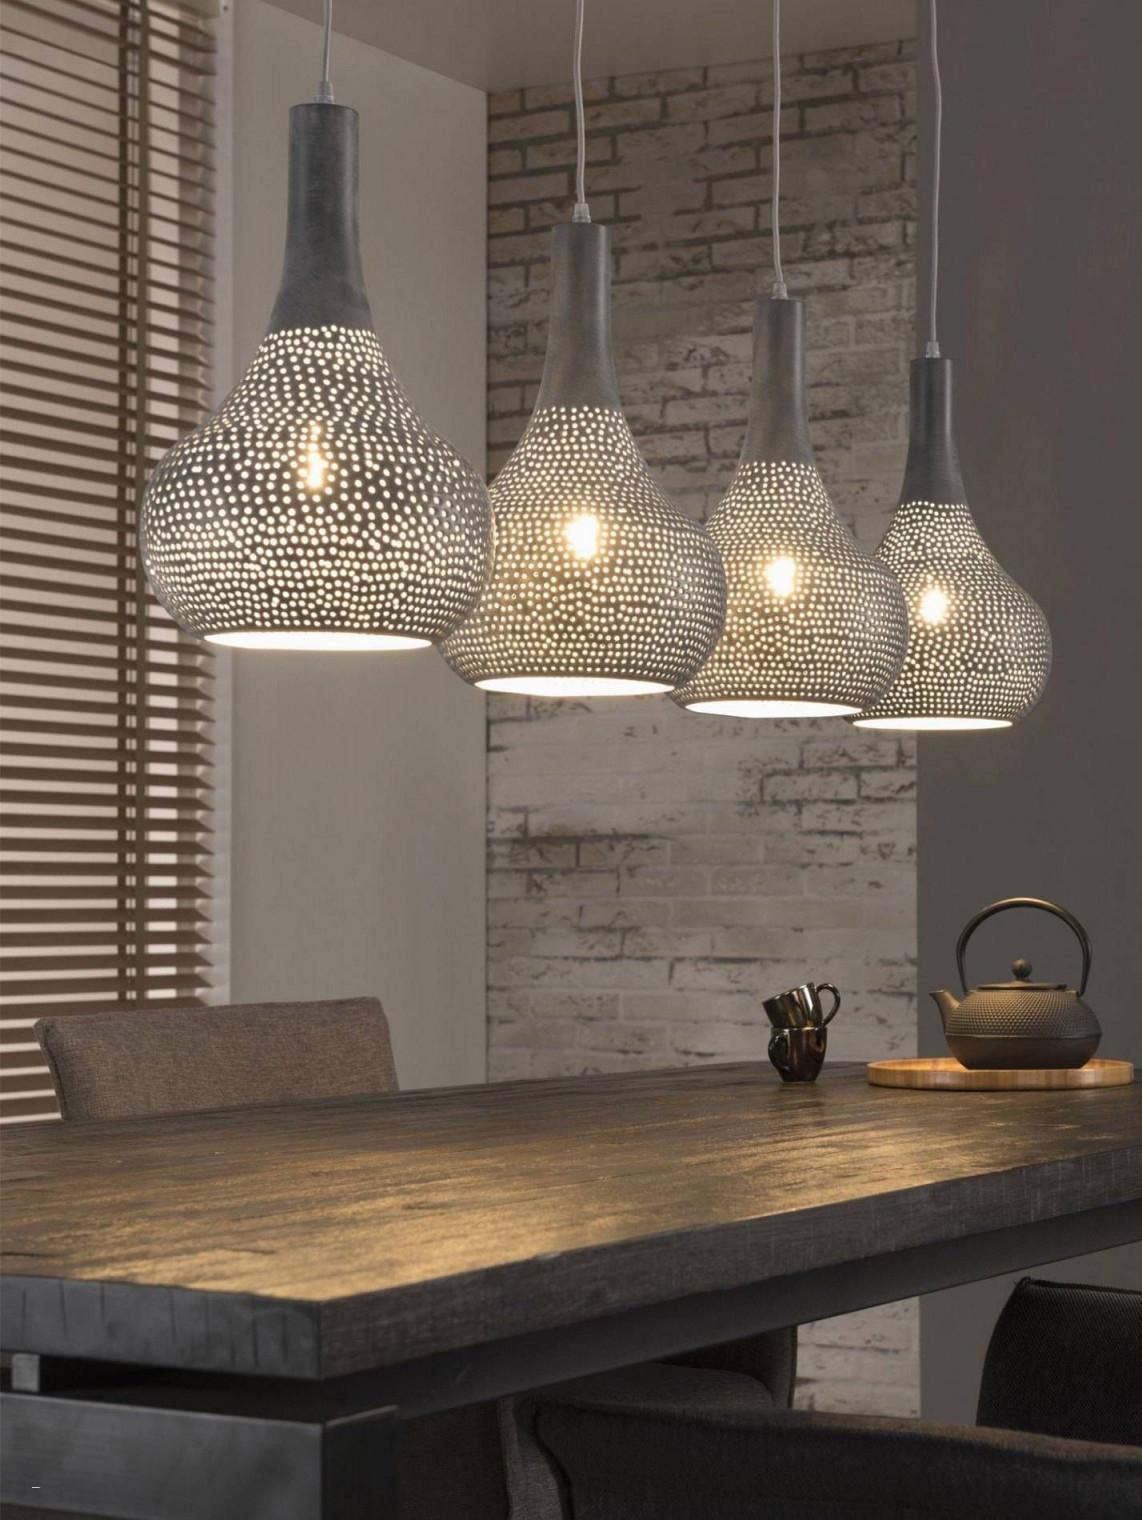 Schön Wohnzimmer Lampe Poco Inspirationen Lampen  Hanging von Wohnzimmer Lampe Industrial Bild